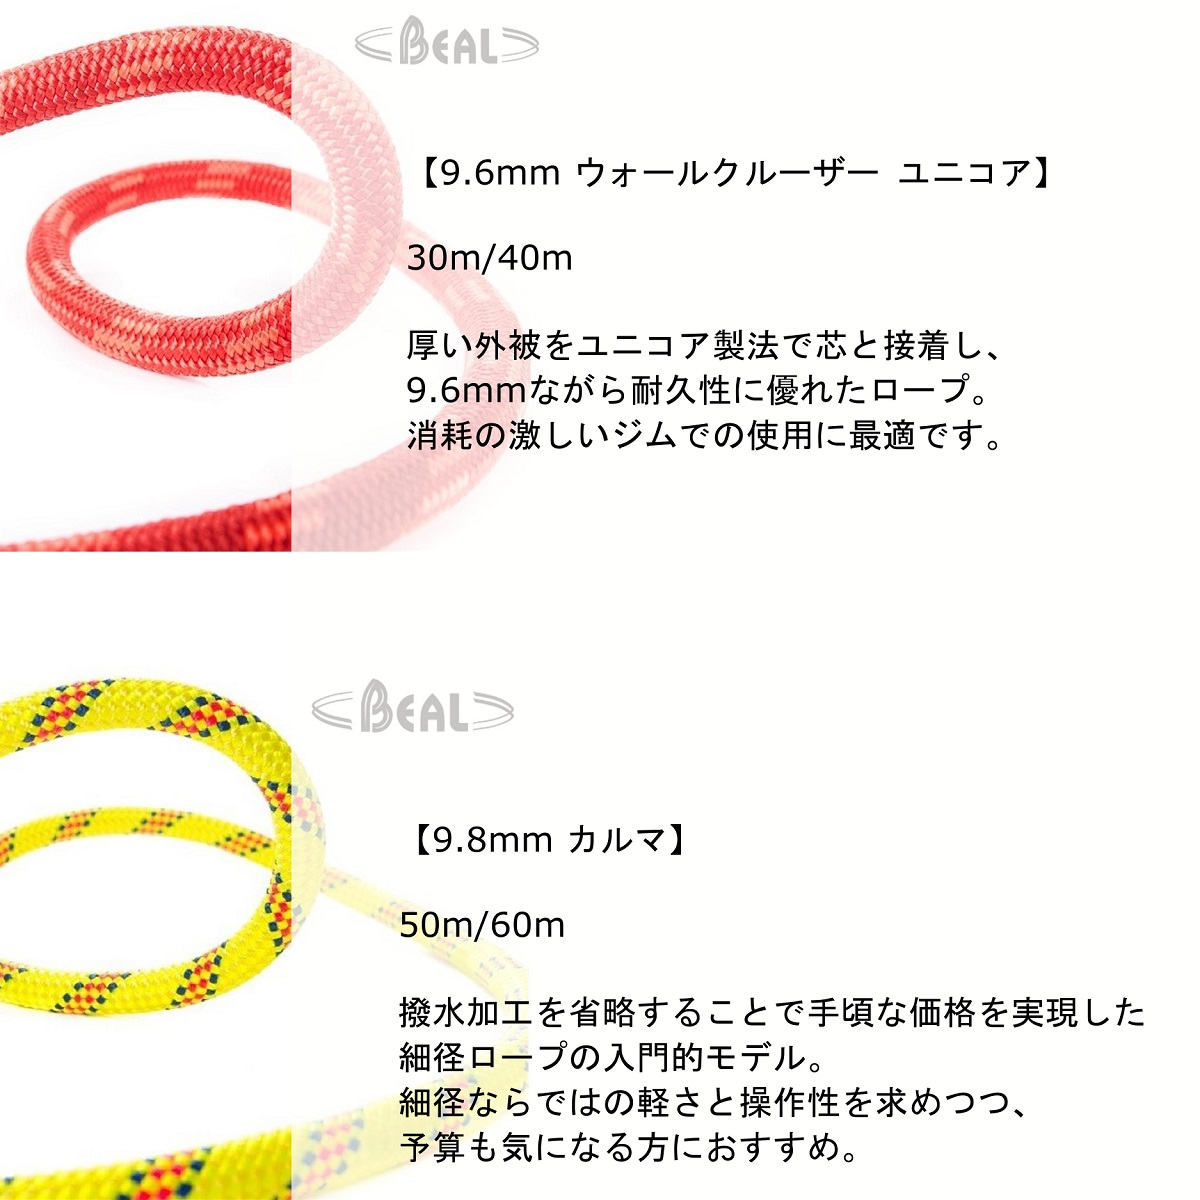 ベアール 9.4mm スティンガー� 60m ユニコア/ドライカバー 【店頭受取優遇商品700pプレゼント】